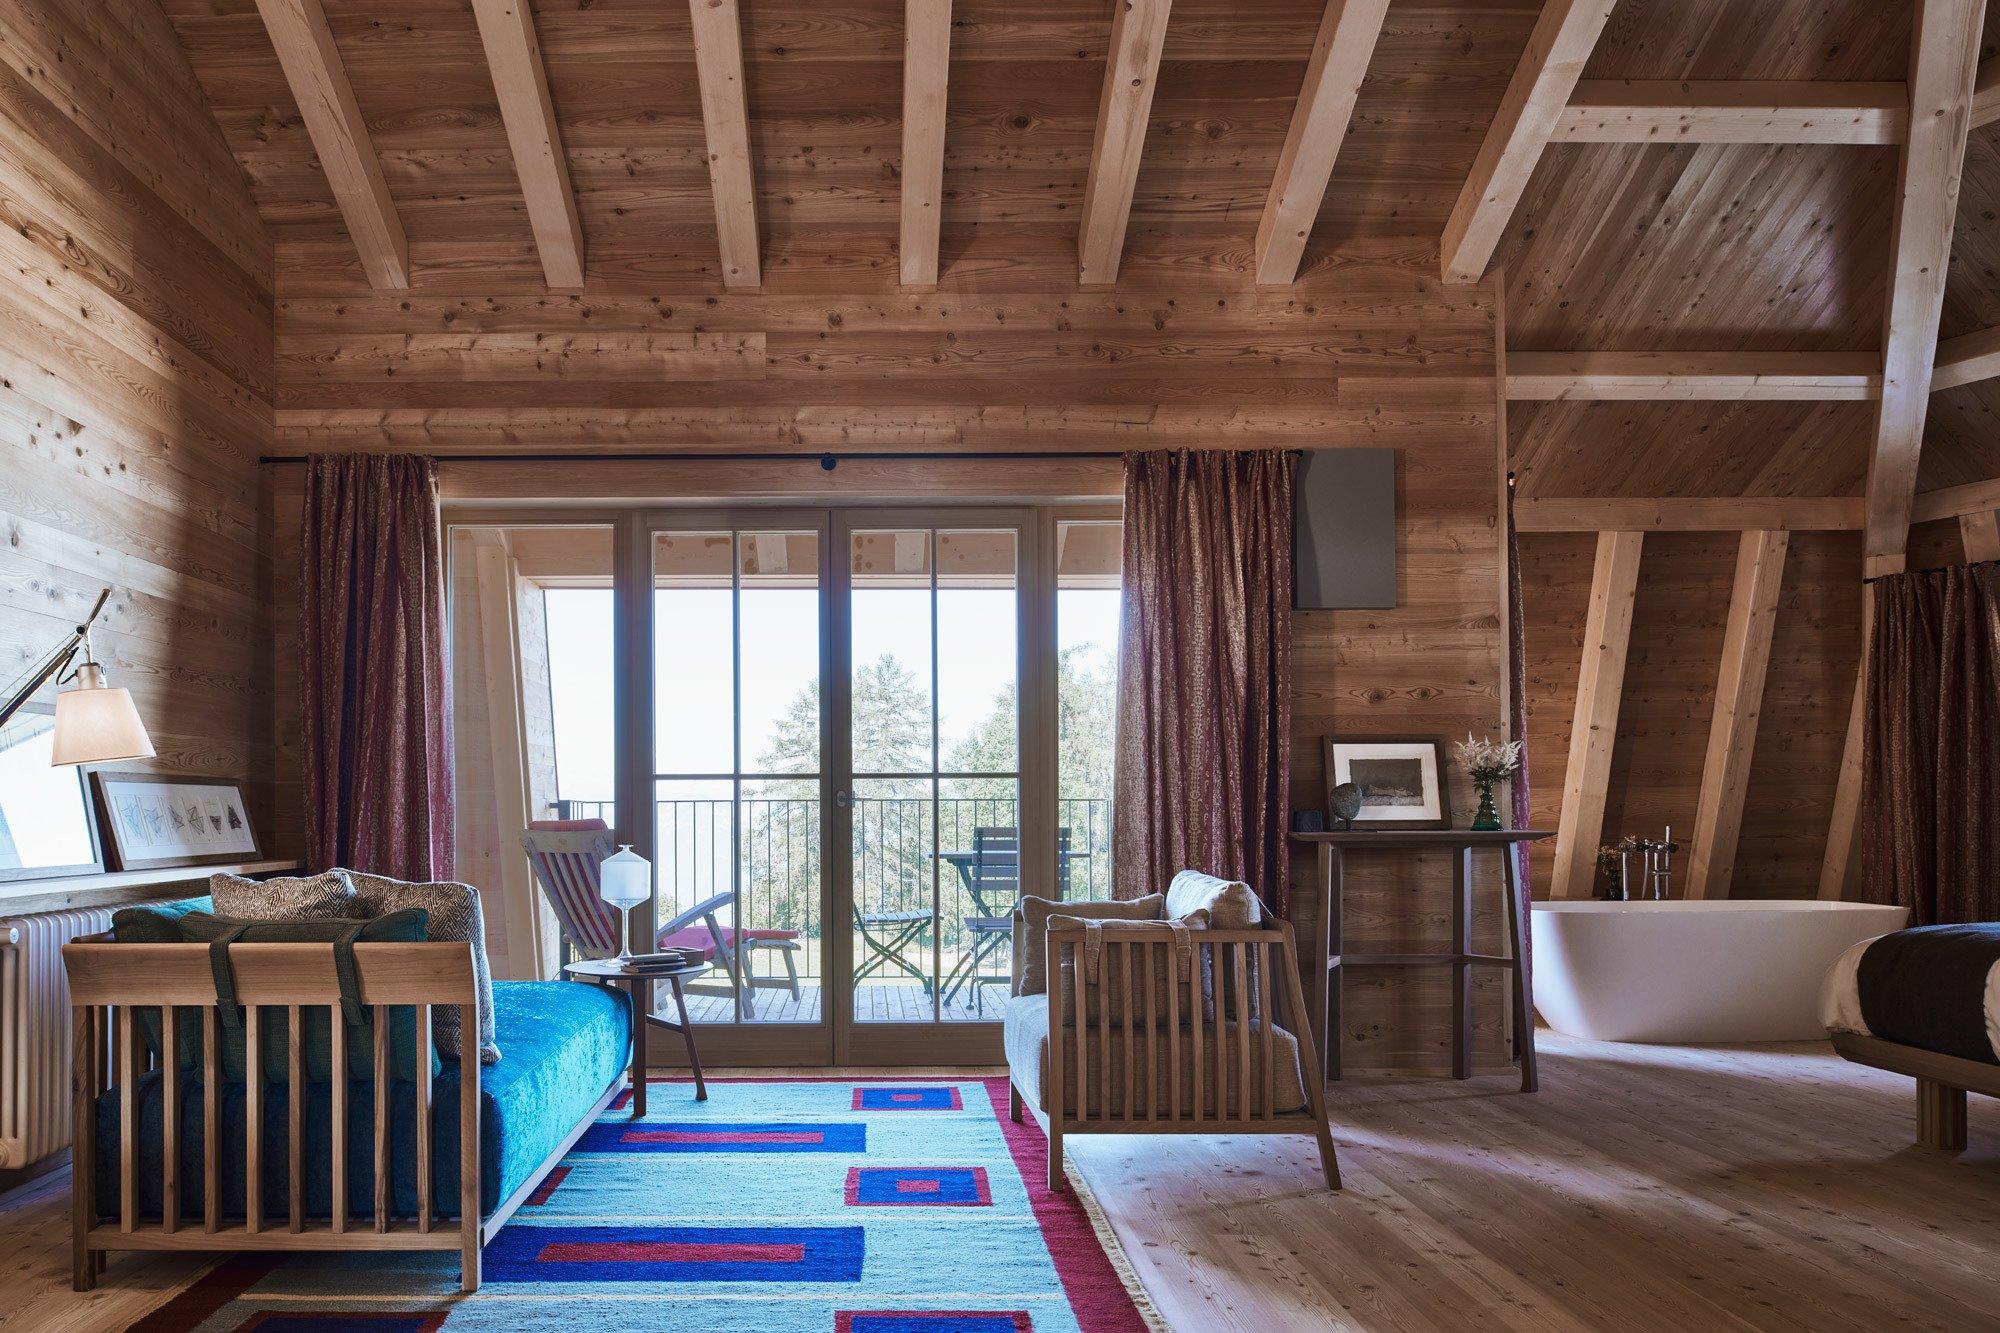 Die Suiten sind mit ovalen, freistehenden Badewannen ausgestattet. Foto: Max Rommel